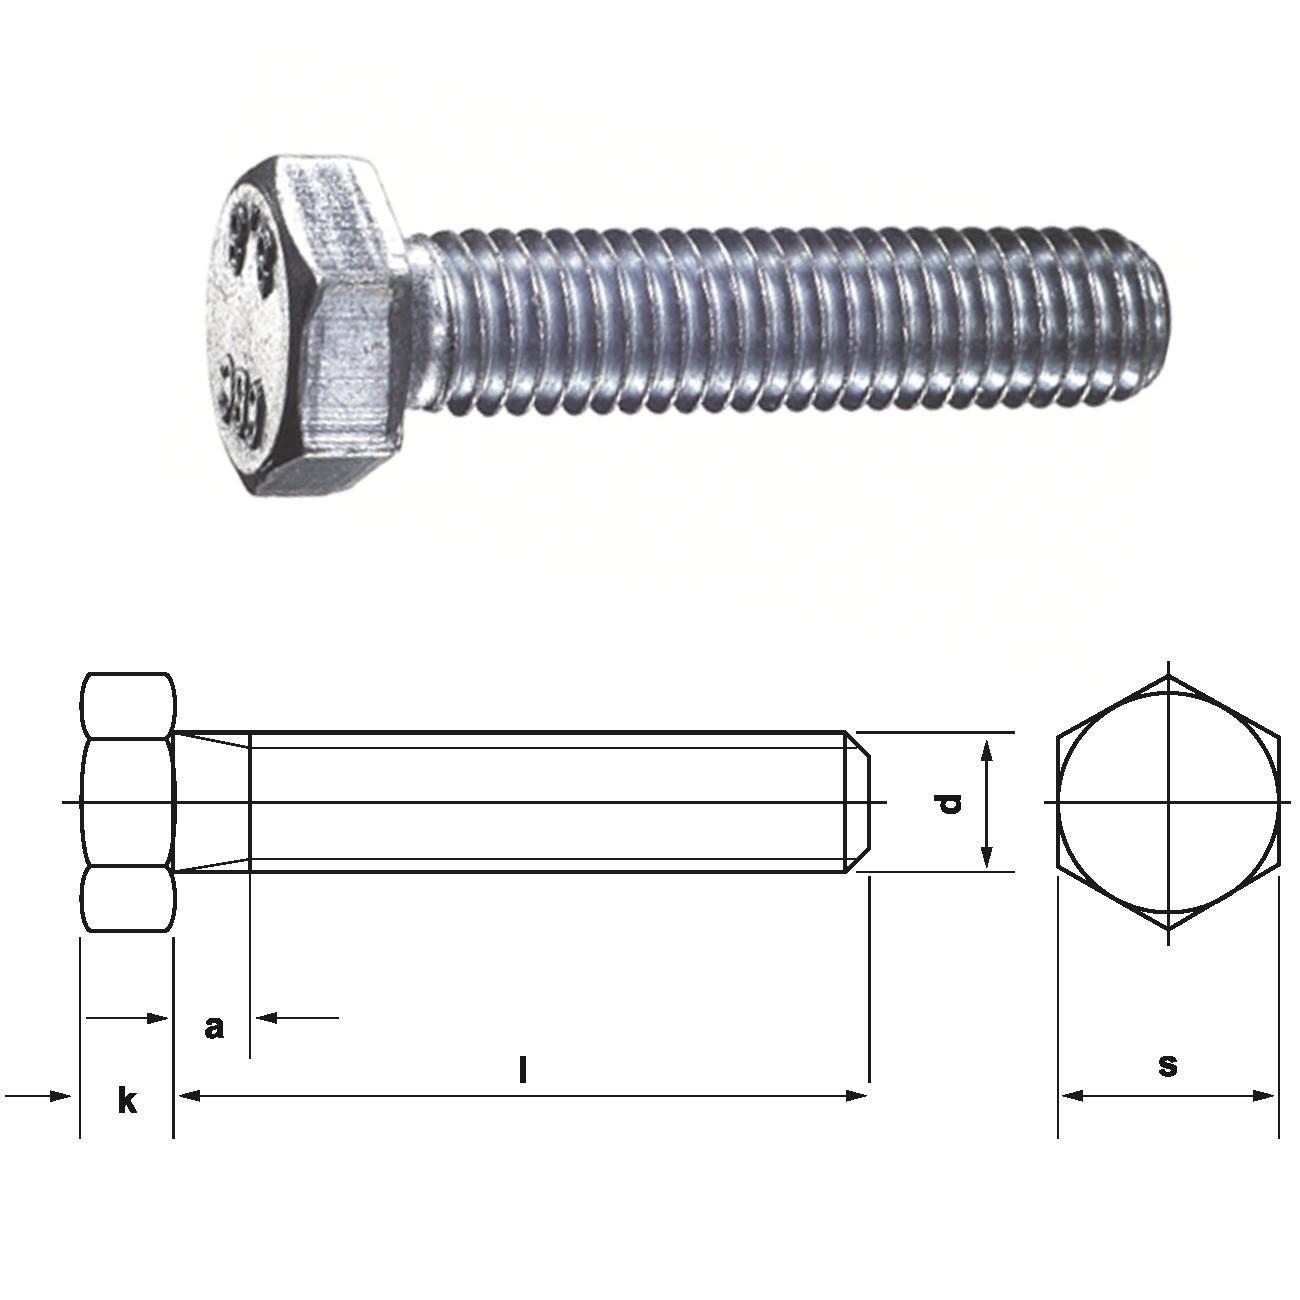 Bauschraube Sechskant 6 Kant Schraube Mit Gewinde Bis Kopf 8 8 Din